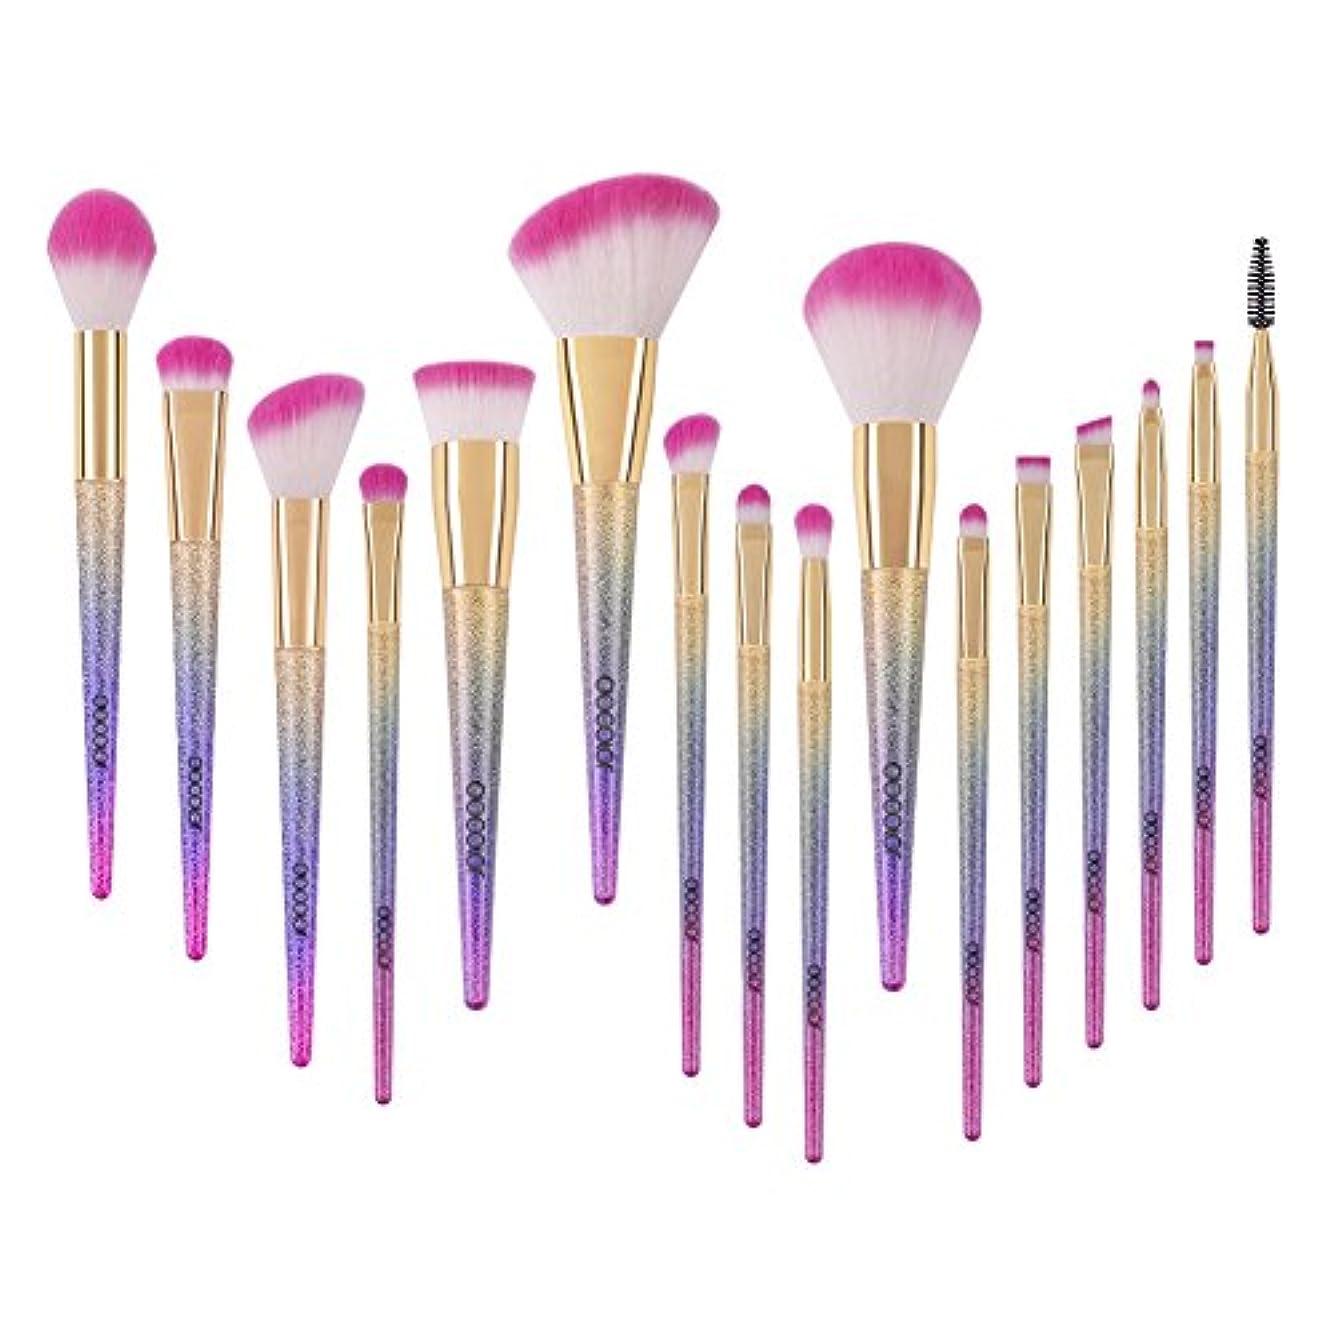 レモンスティーブンソンしっとりDocolor ドゥカラー 化粧筆 メイクブラシ 16本セット 欧米で大ブーム中のレインボーブラシ